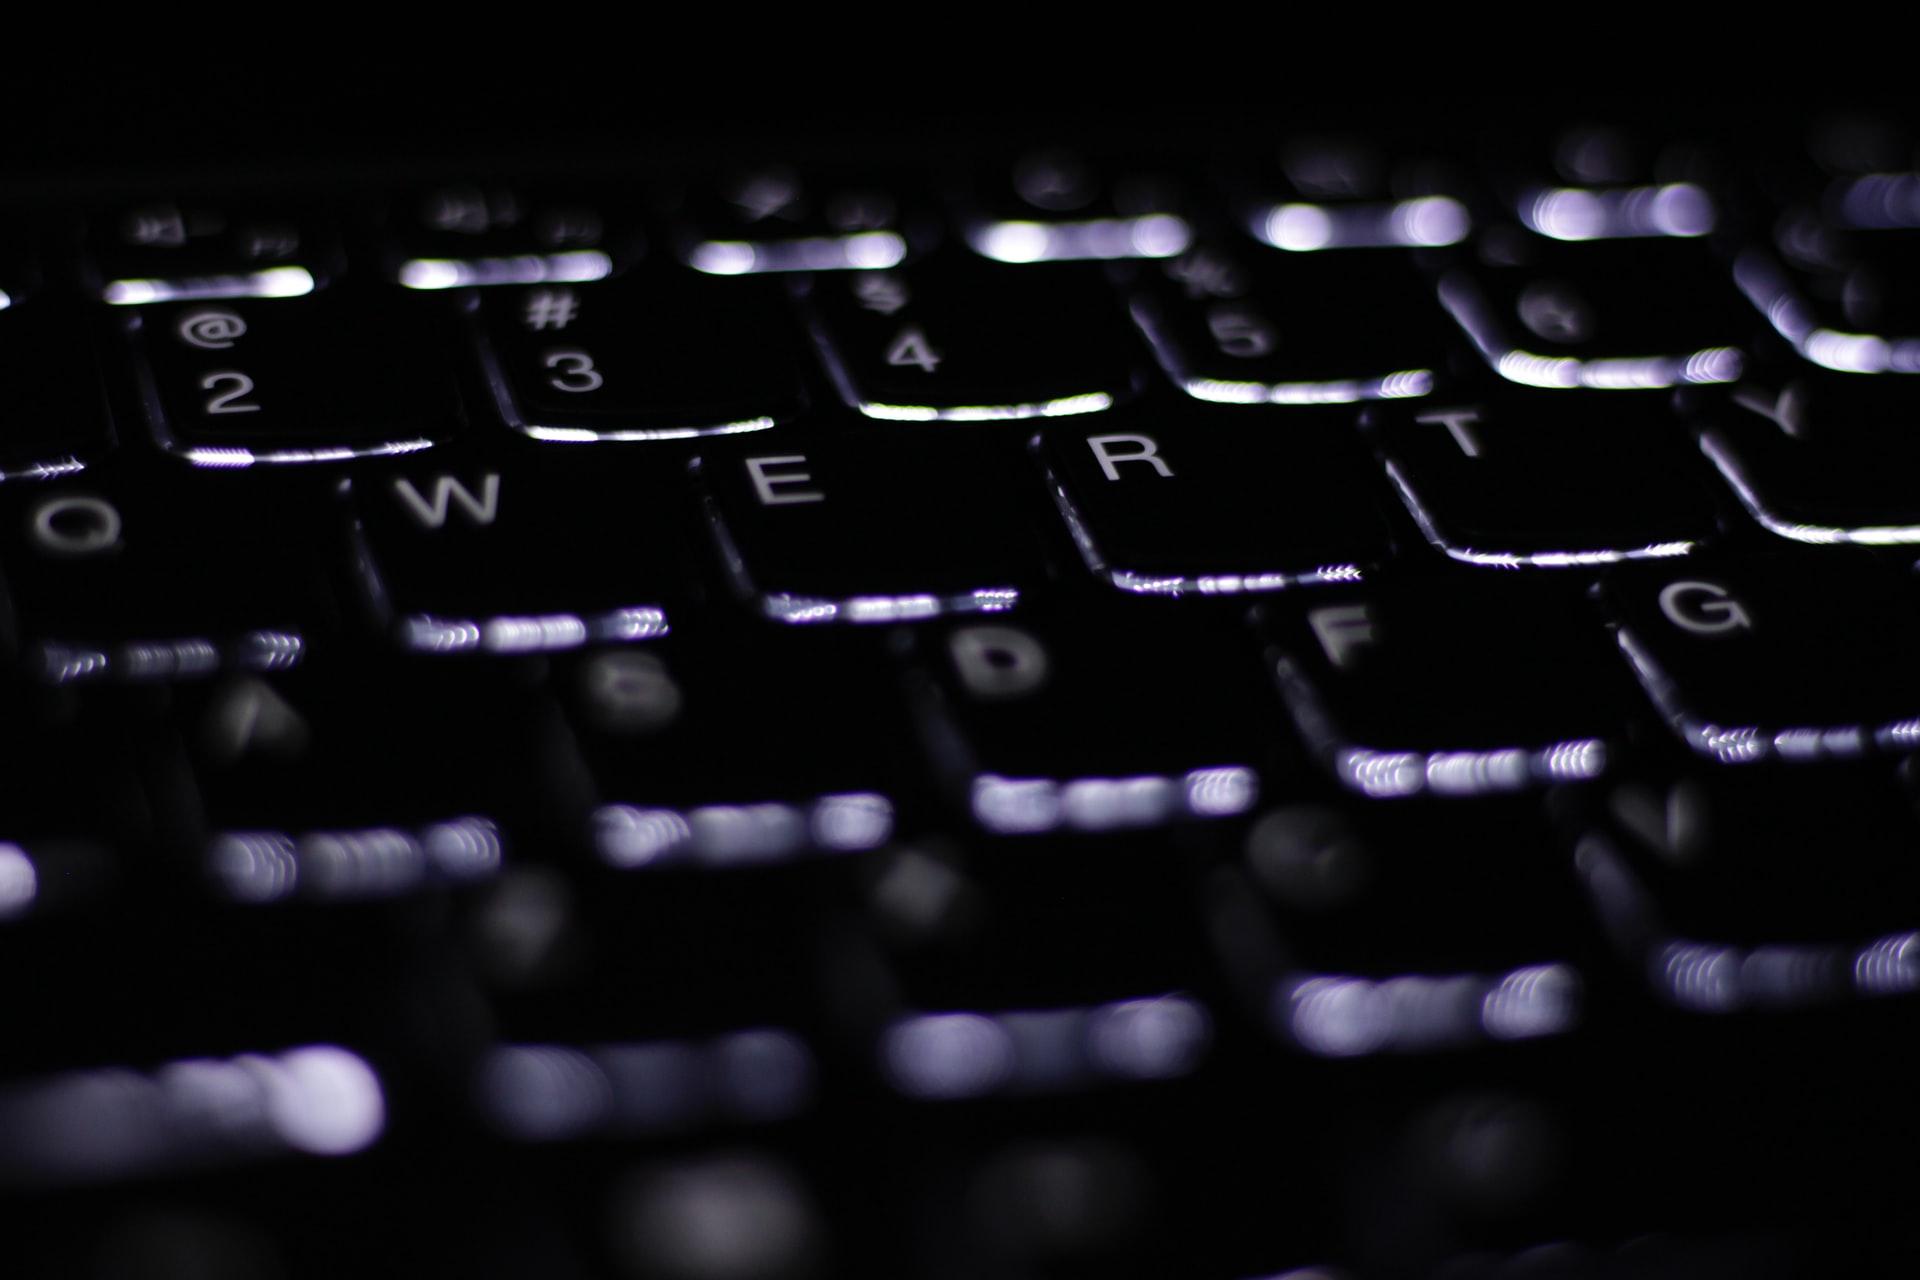 Klawiatura komputerowa z podświetleniem